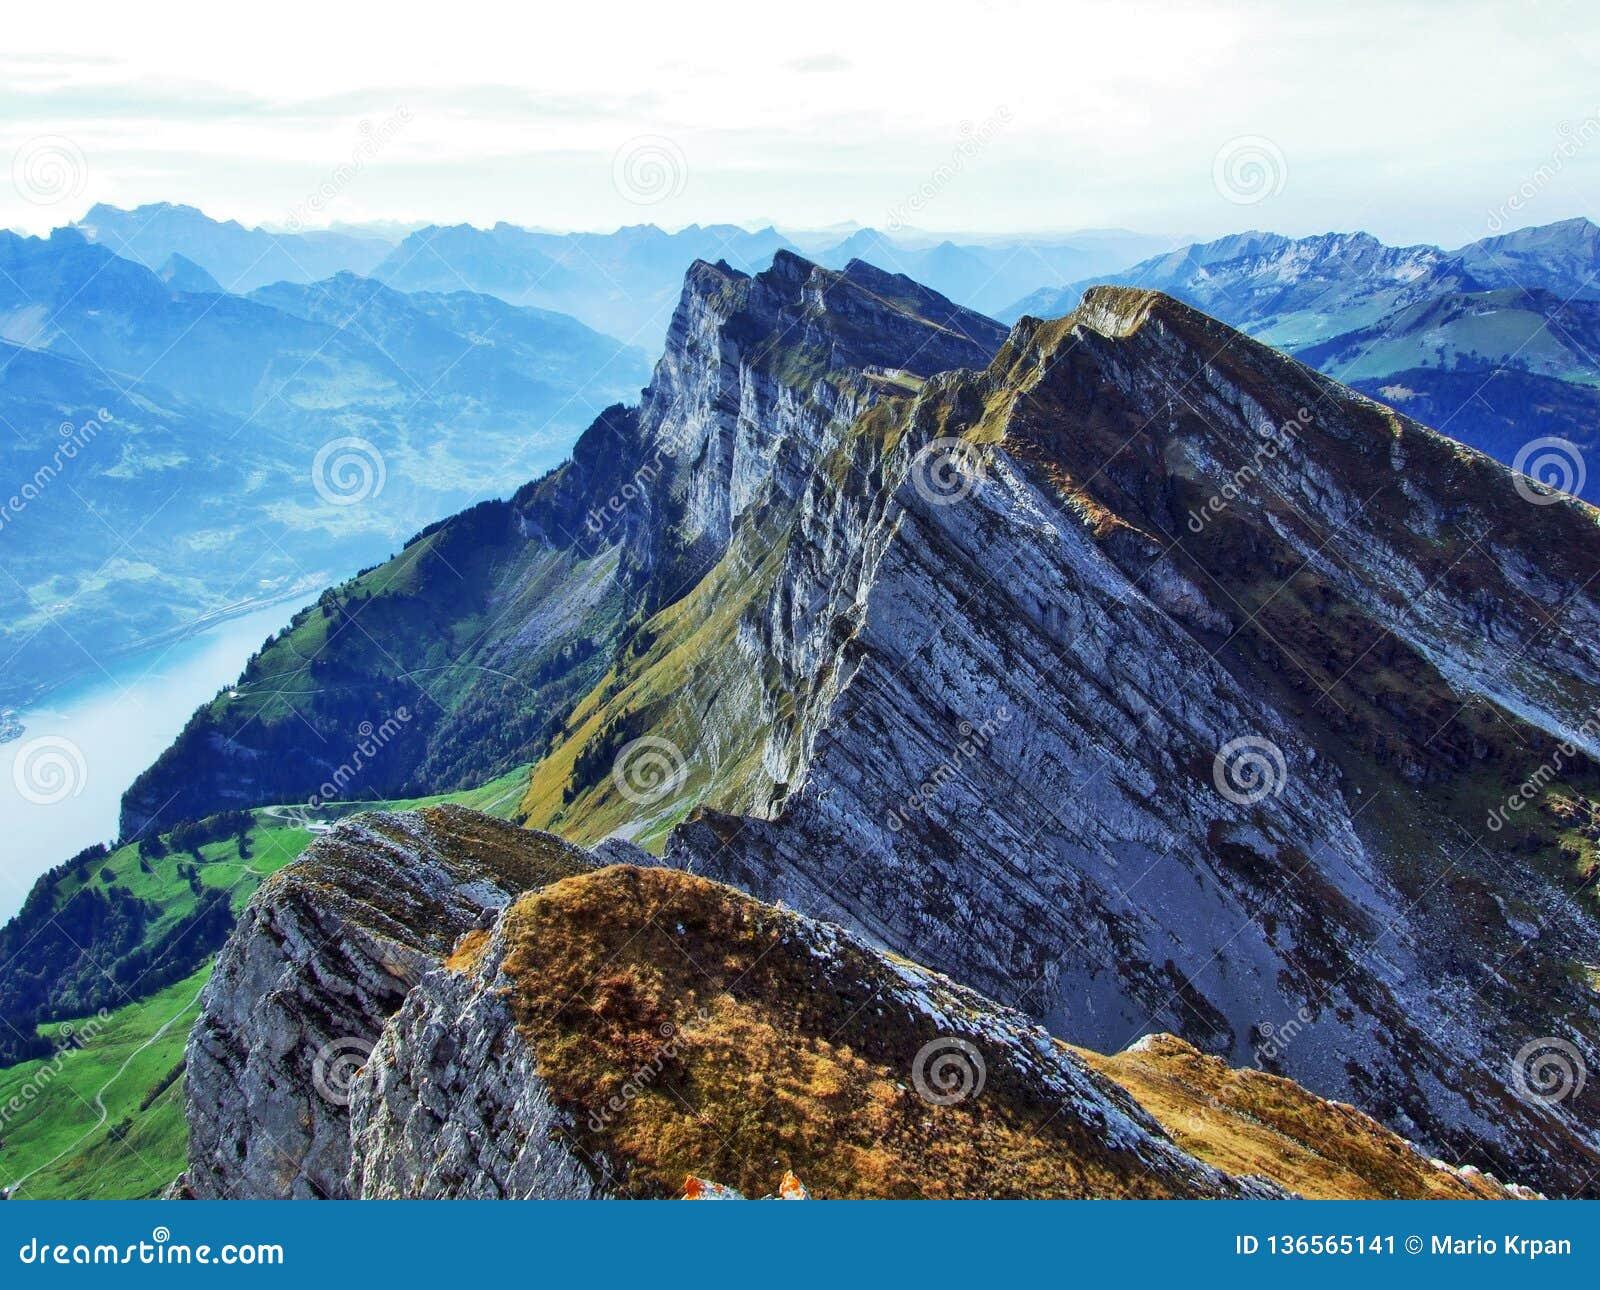 Alpina maxima i den Churfirsten bergskedjan mellan Thur River Valley och Walensee sjö